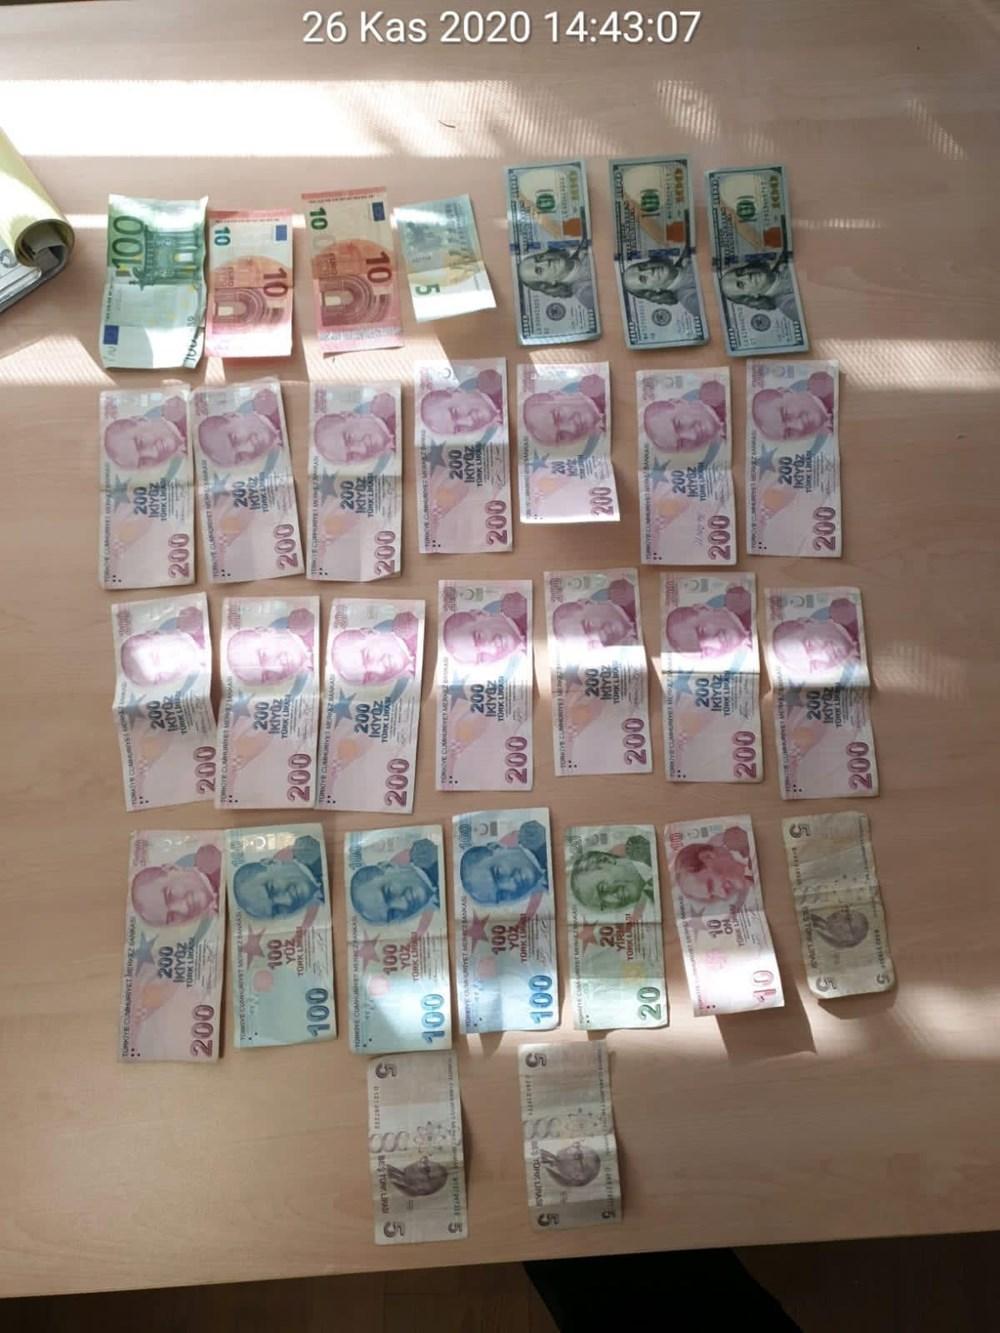 Hepsi dilencinin üzerinden çıktı: Dolar, euro, araba anahtarı - 3